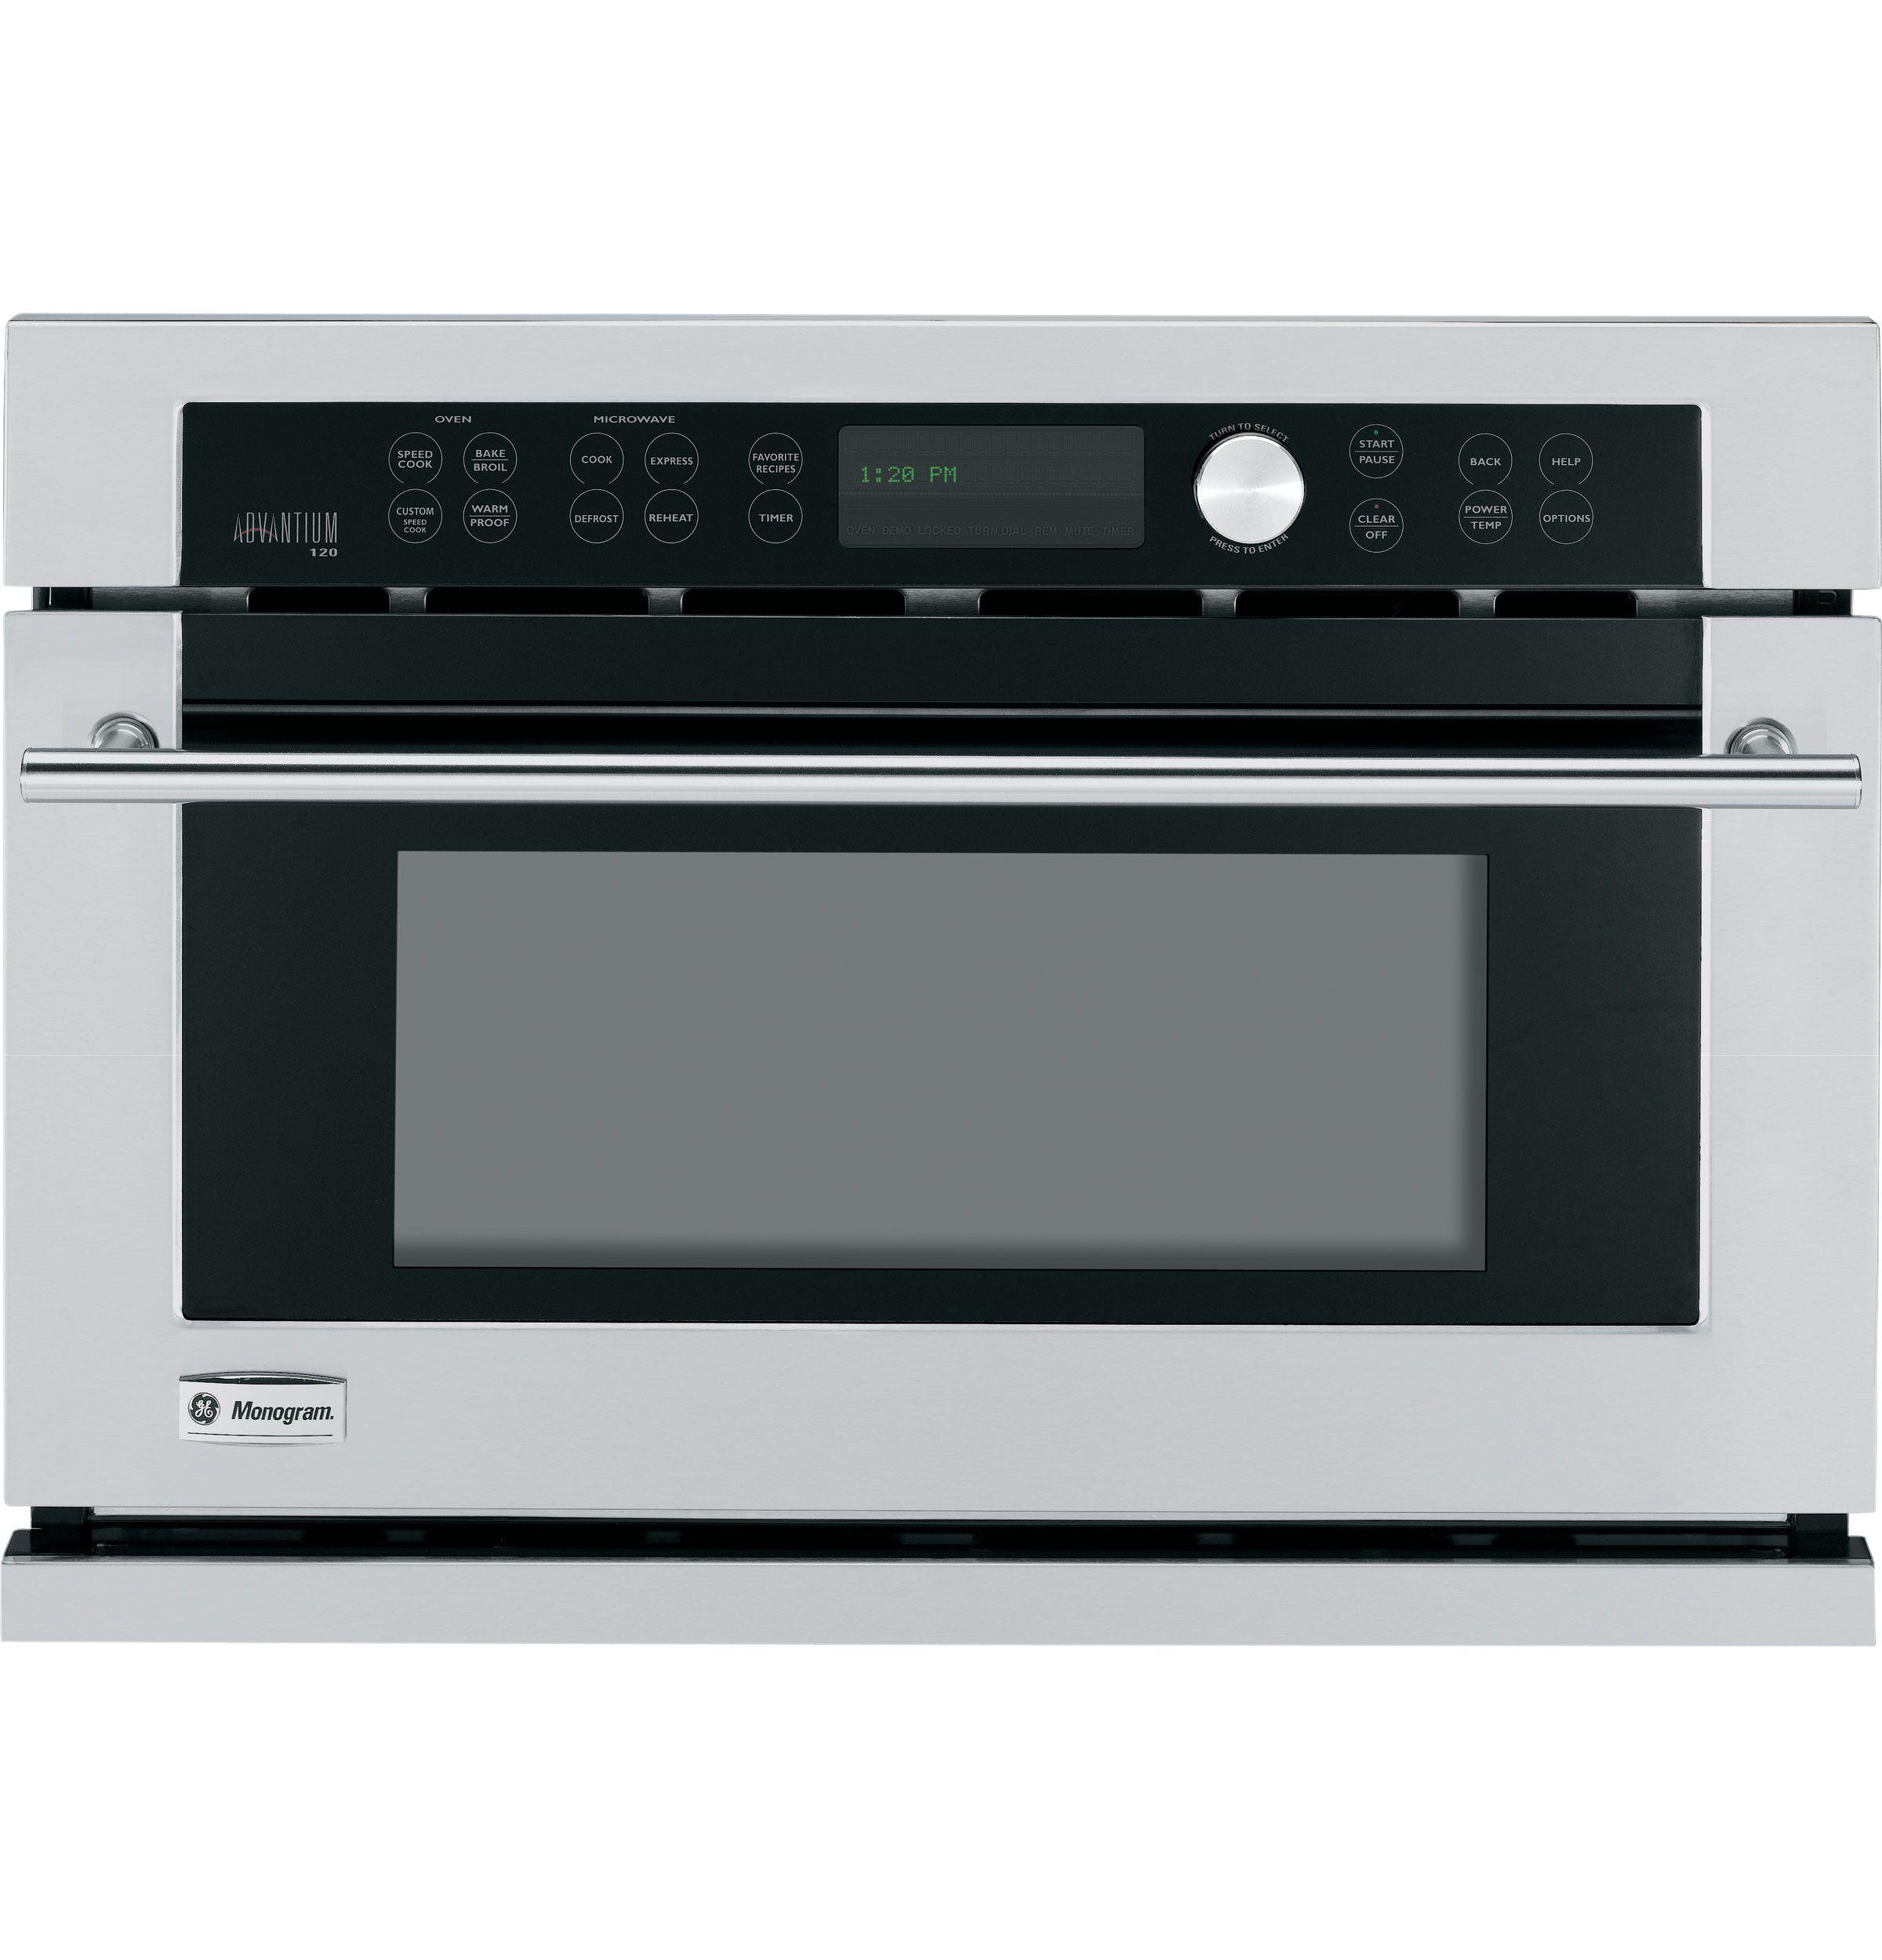 Zsc1001kss Ge Monogram Built In Oven With Advantium Speedcook